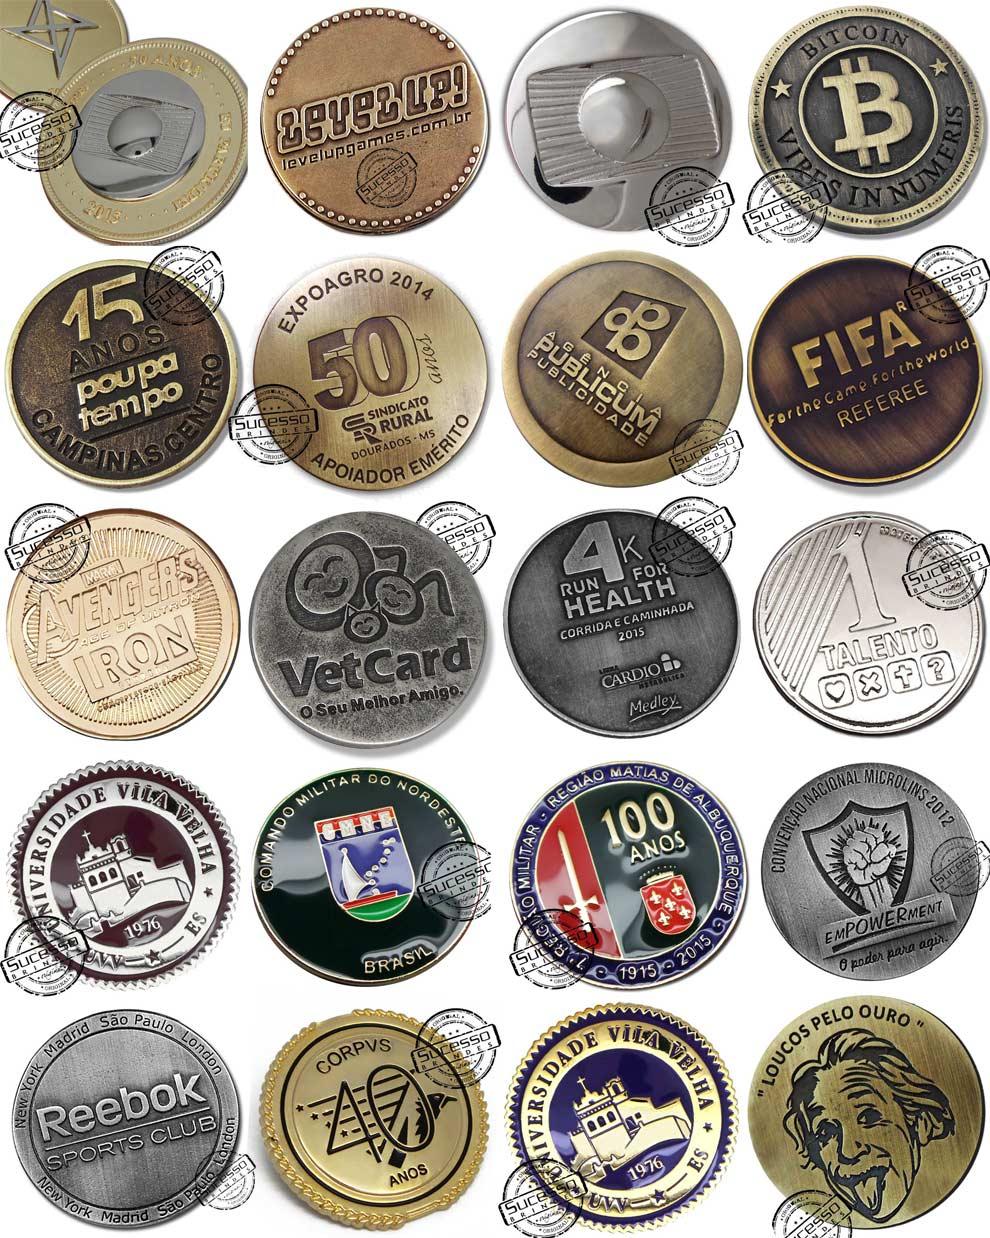 moedas-comemorativas-fabricada-pela-sucesso-brindes-imagem-final